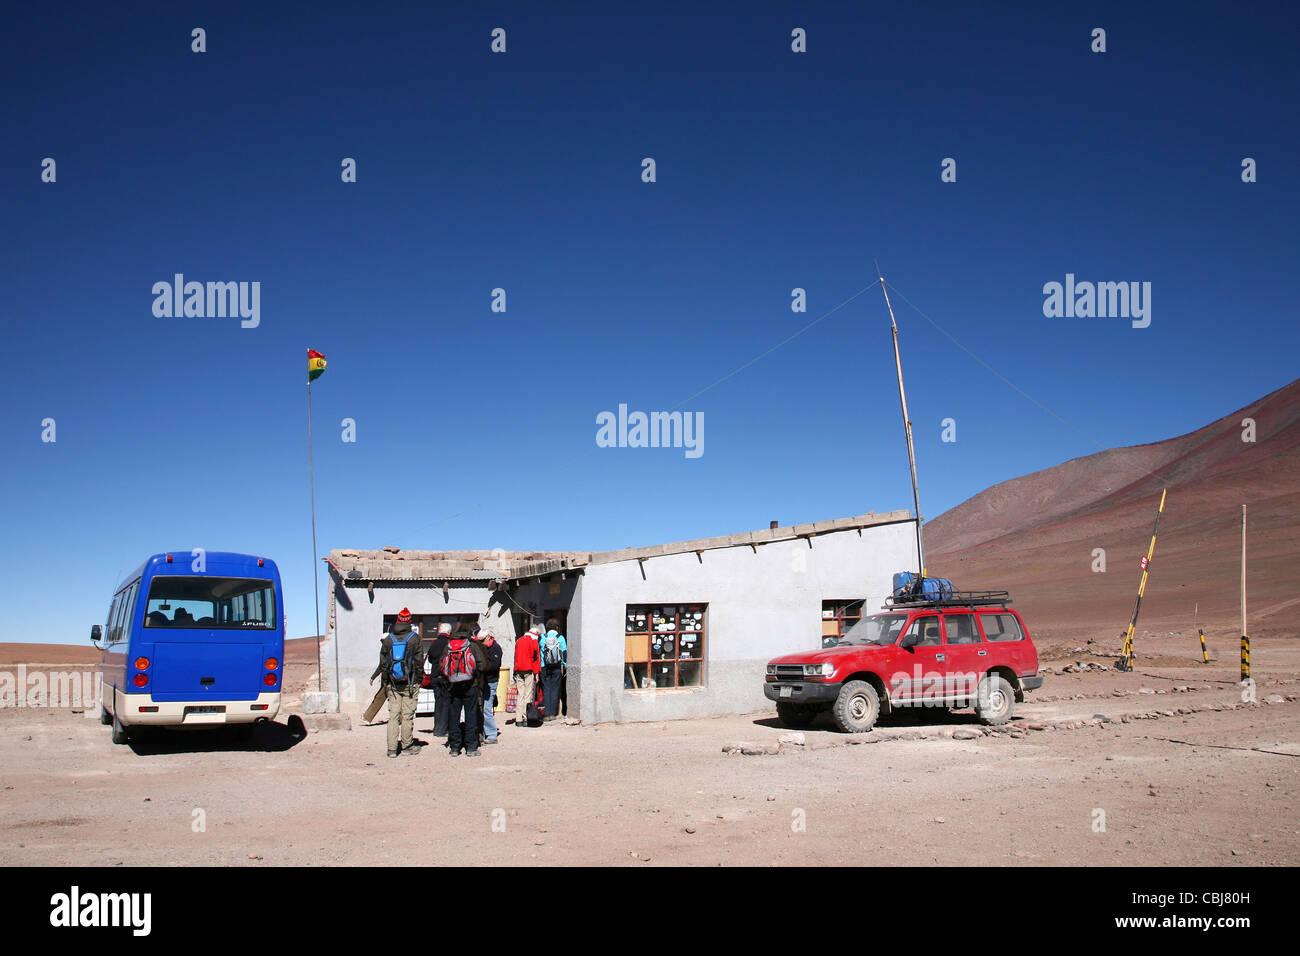 Los vehículos con tracción en las cuatro ruedas y turistas a diario puesto fronterizo entre Chile y Bolivia Imagen De Stock